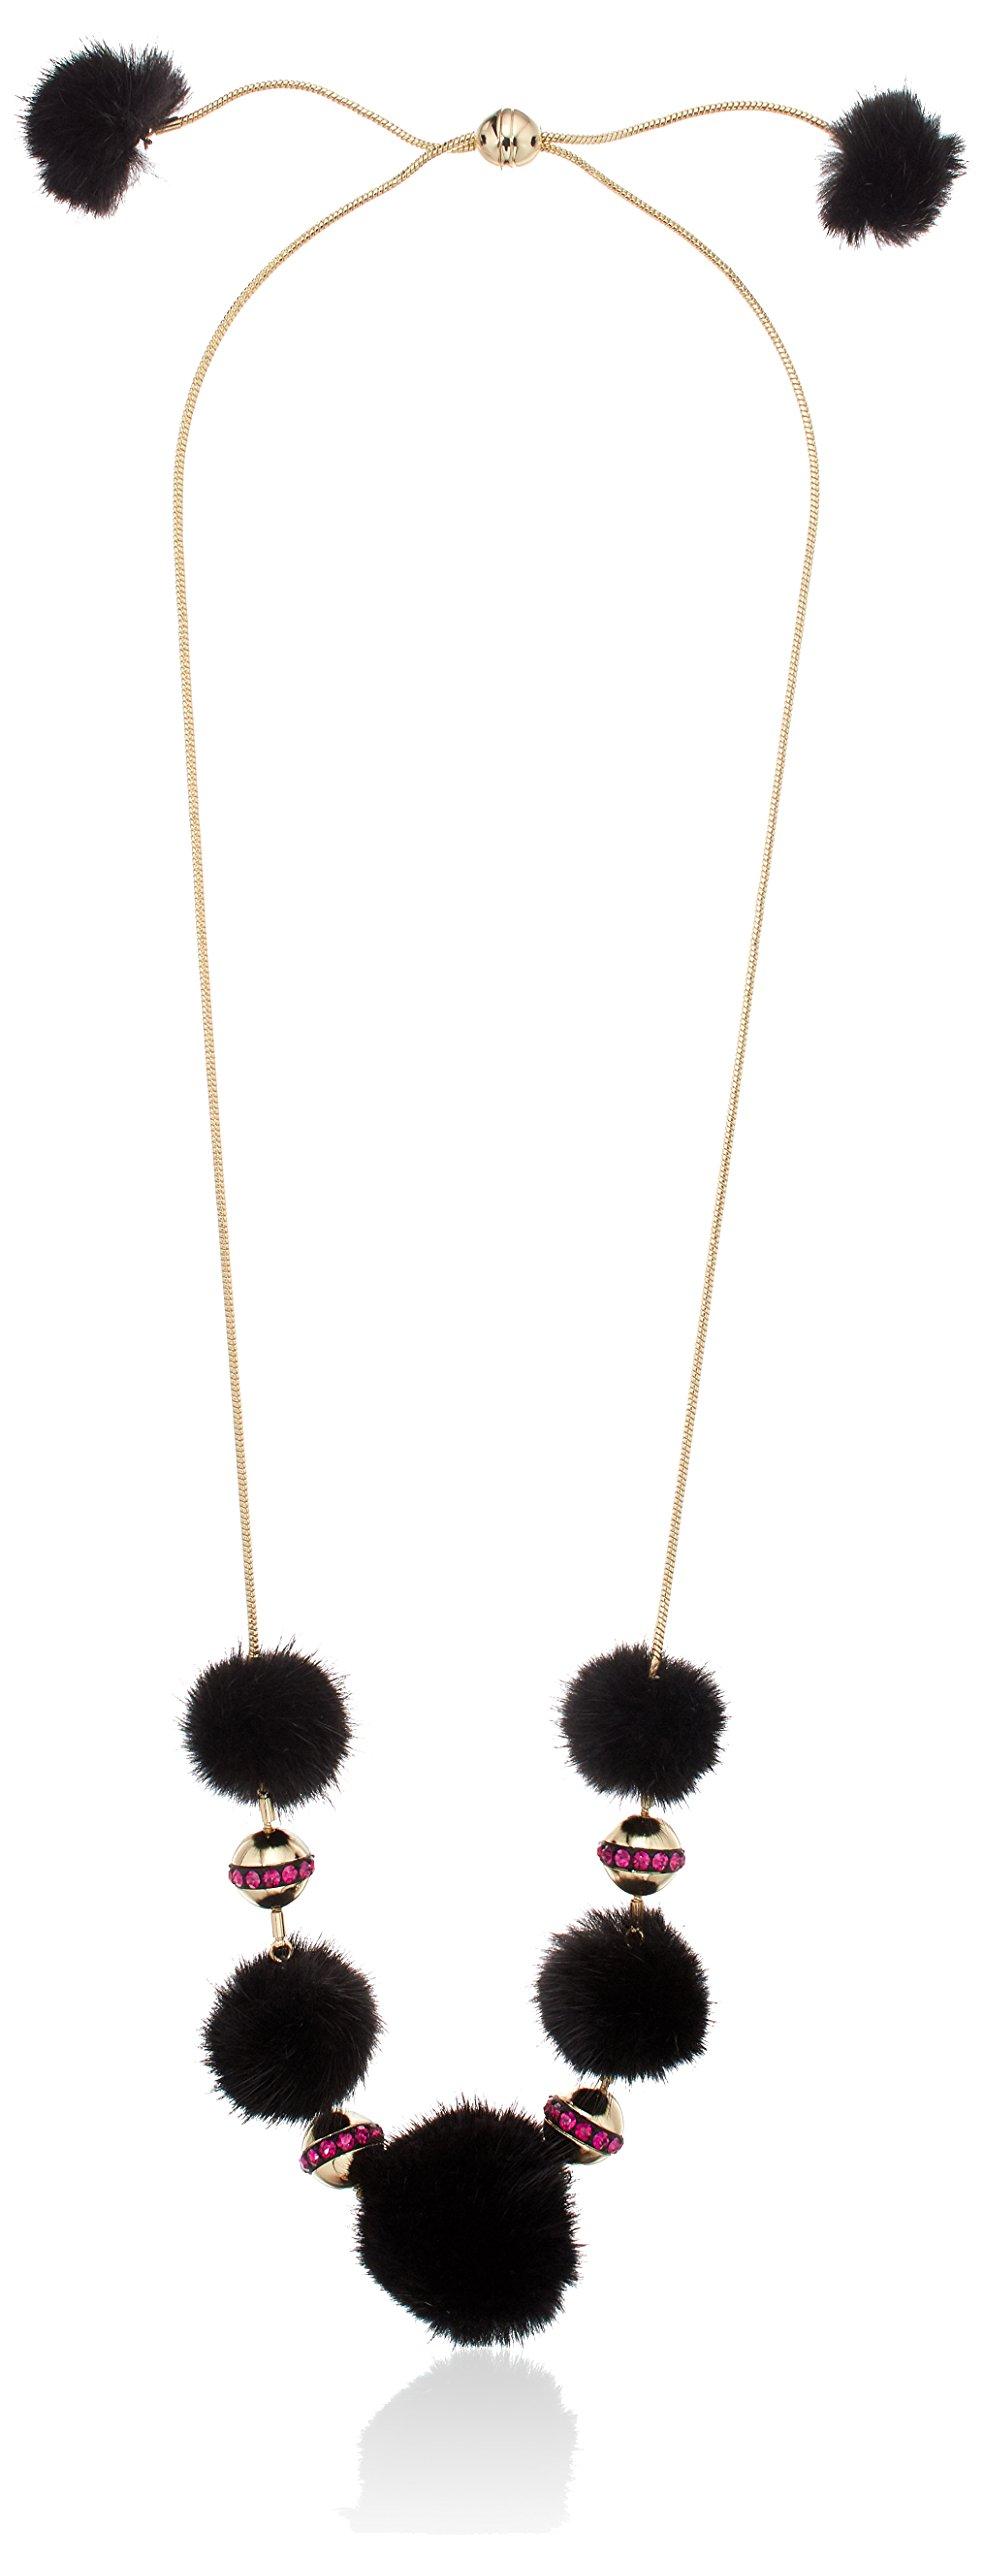 Trina Turk ''Midnight Studio'' Fur Pom Pom Adjustable Strand Necklace